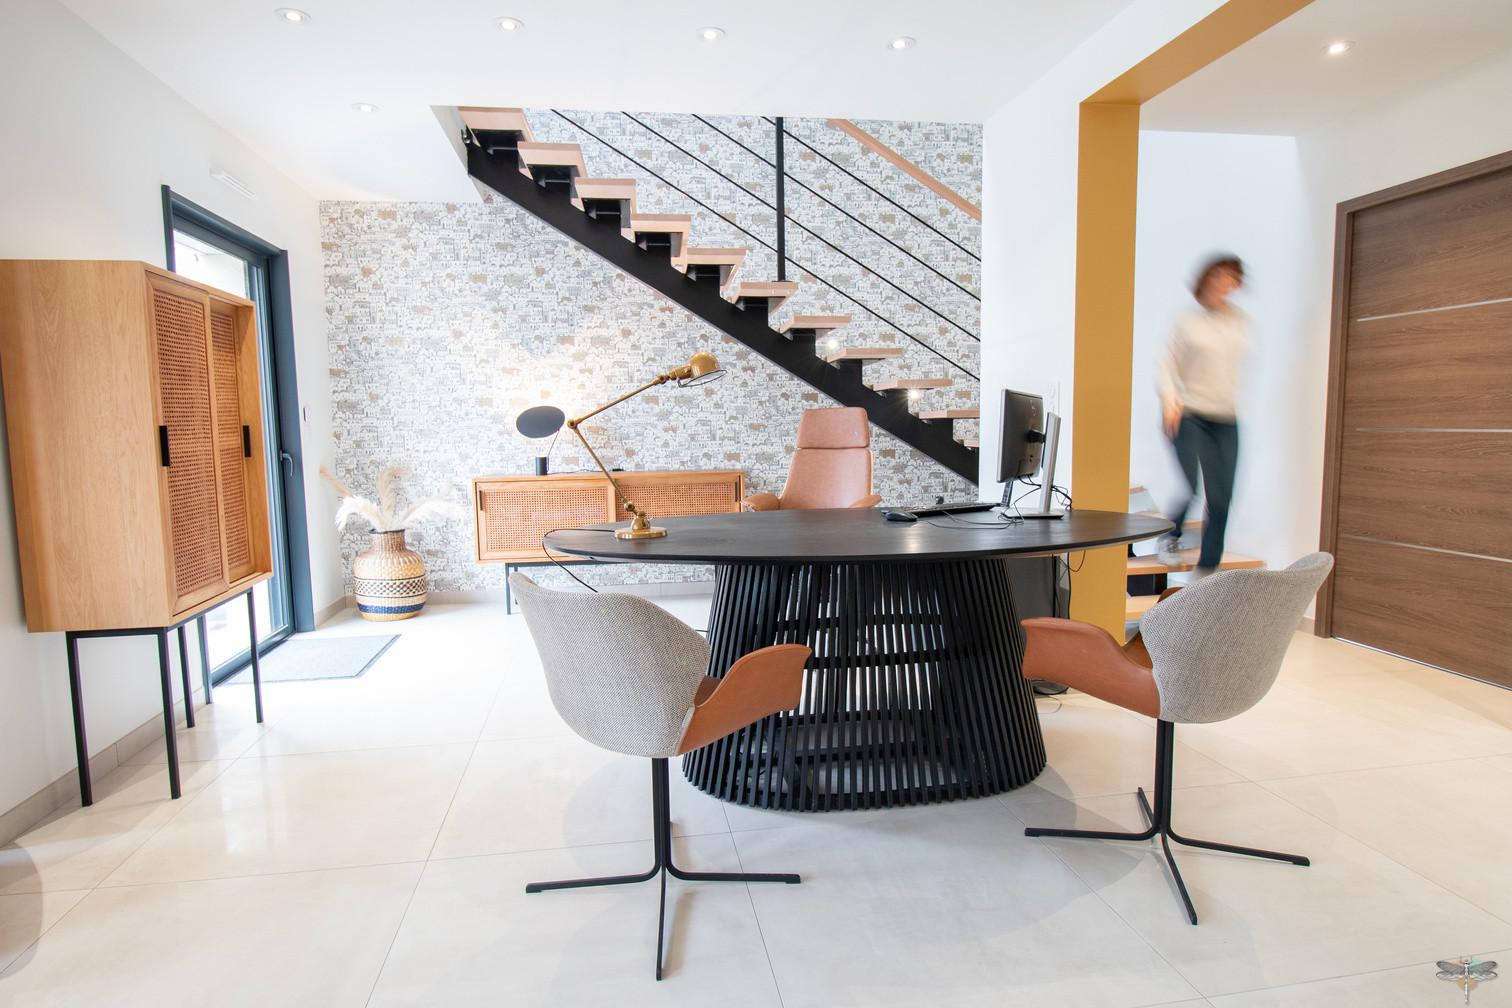 Décoration des bureaux d'une agence de construction de maisons à Compiègne, par Carnets Libellule. Coralie Vasseur est votre architecte d'intérieur UFDI à Compiègne, Annecy et sur toute la France : bureau d'accueil avec escalier métal et bois